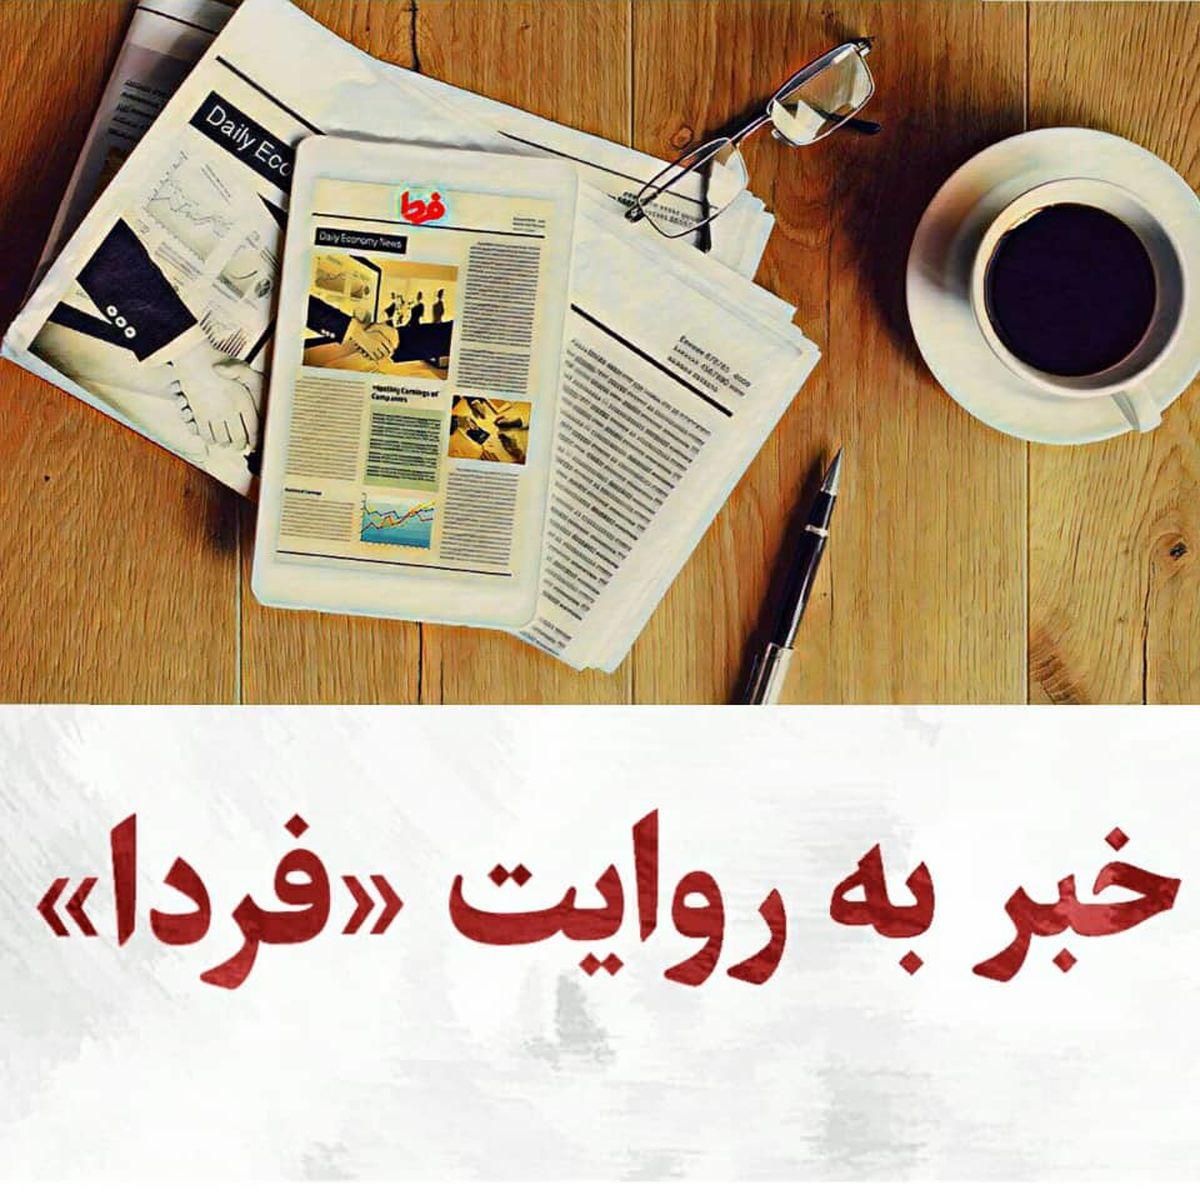 بازتاب سخنان رهبری در رسانهها/ ماموریت ظریف/ نسخه انتخاباتی آرمین